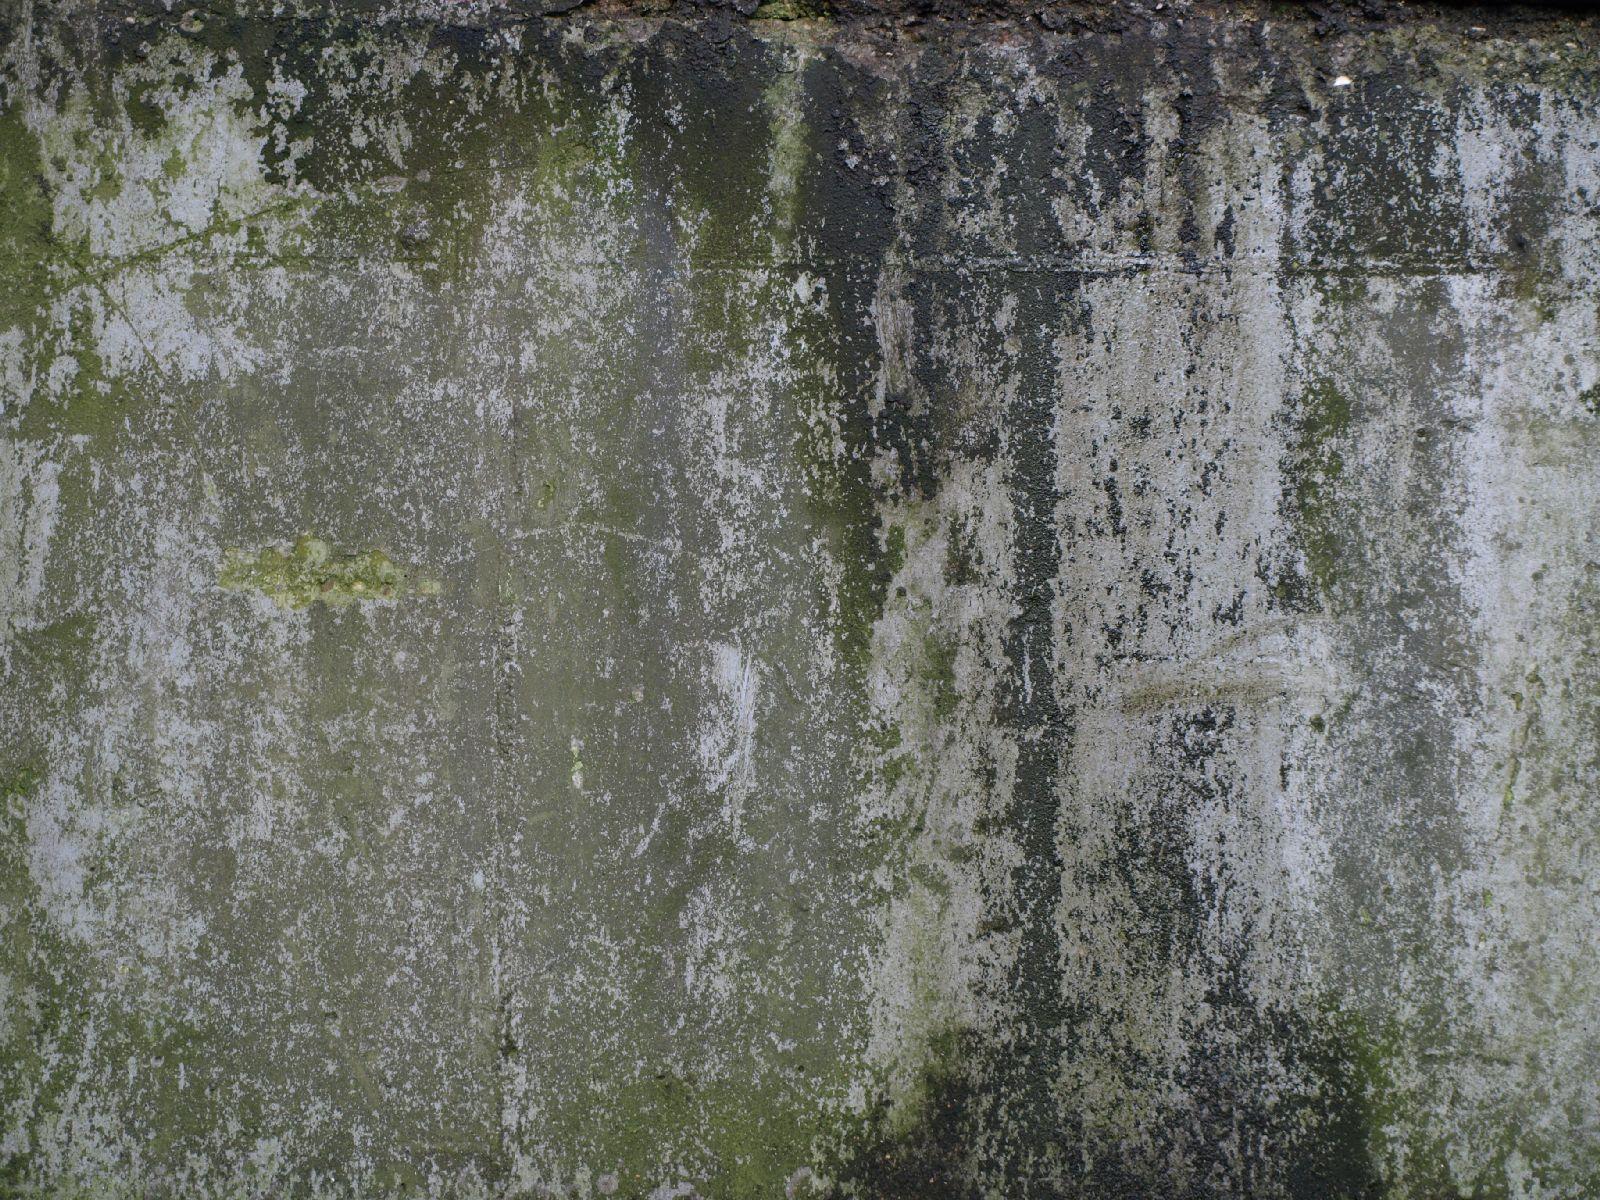 Grunge-Dreck_Textur_A_PA035663